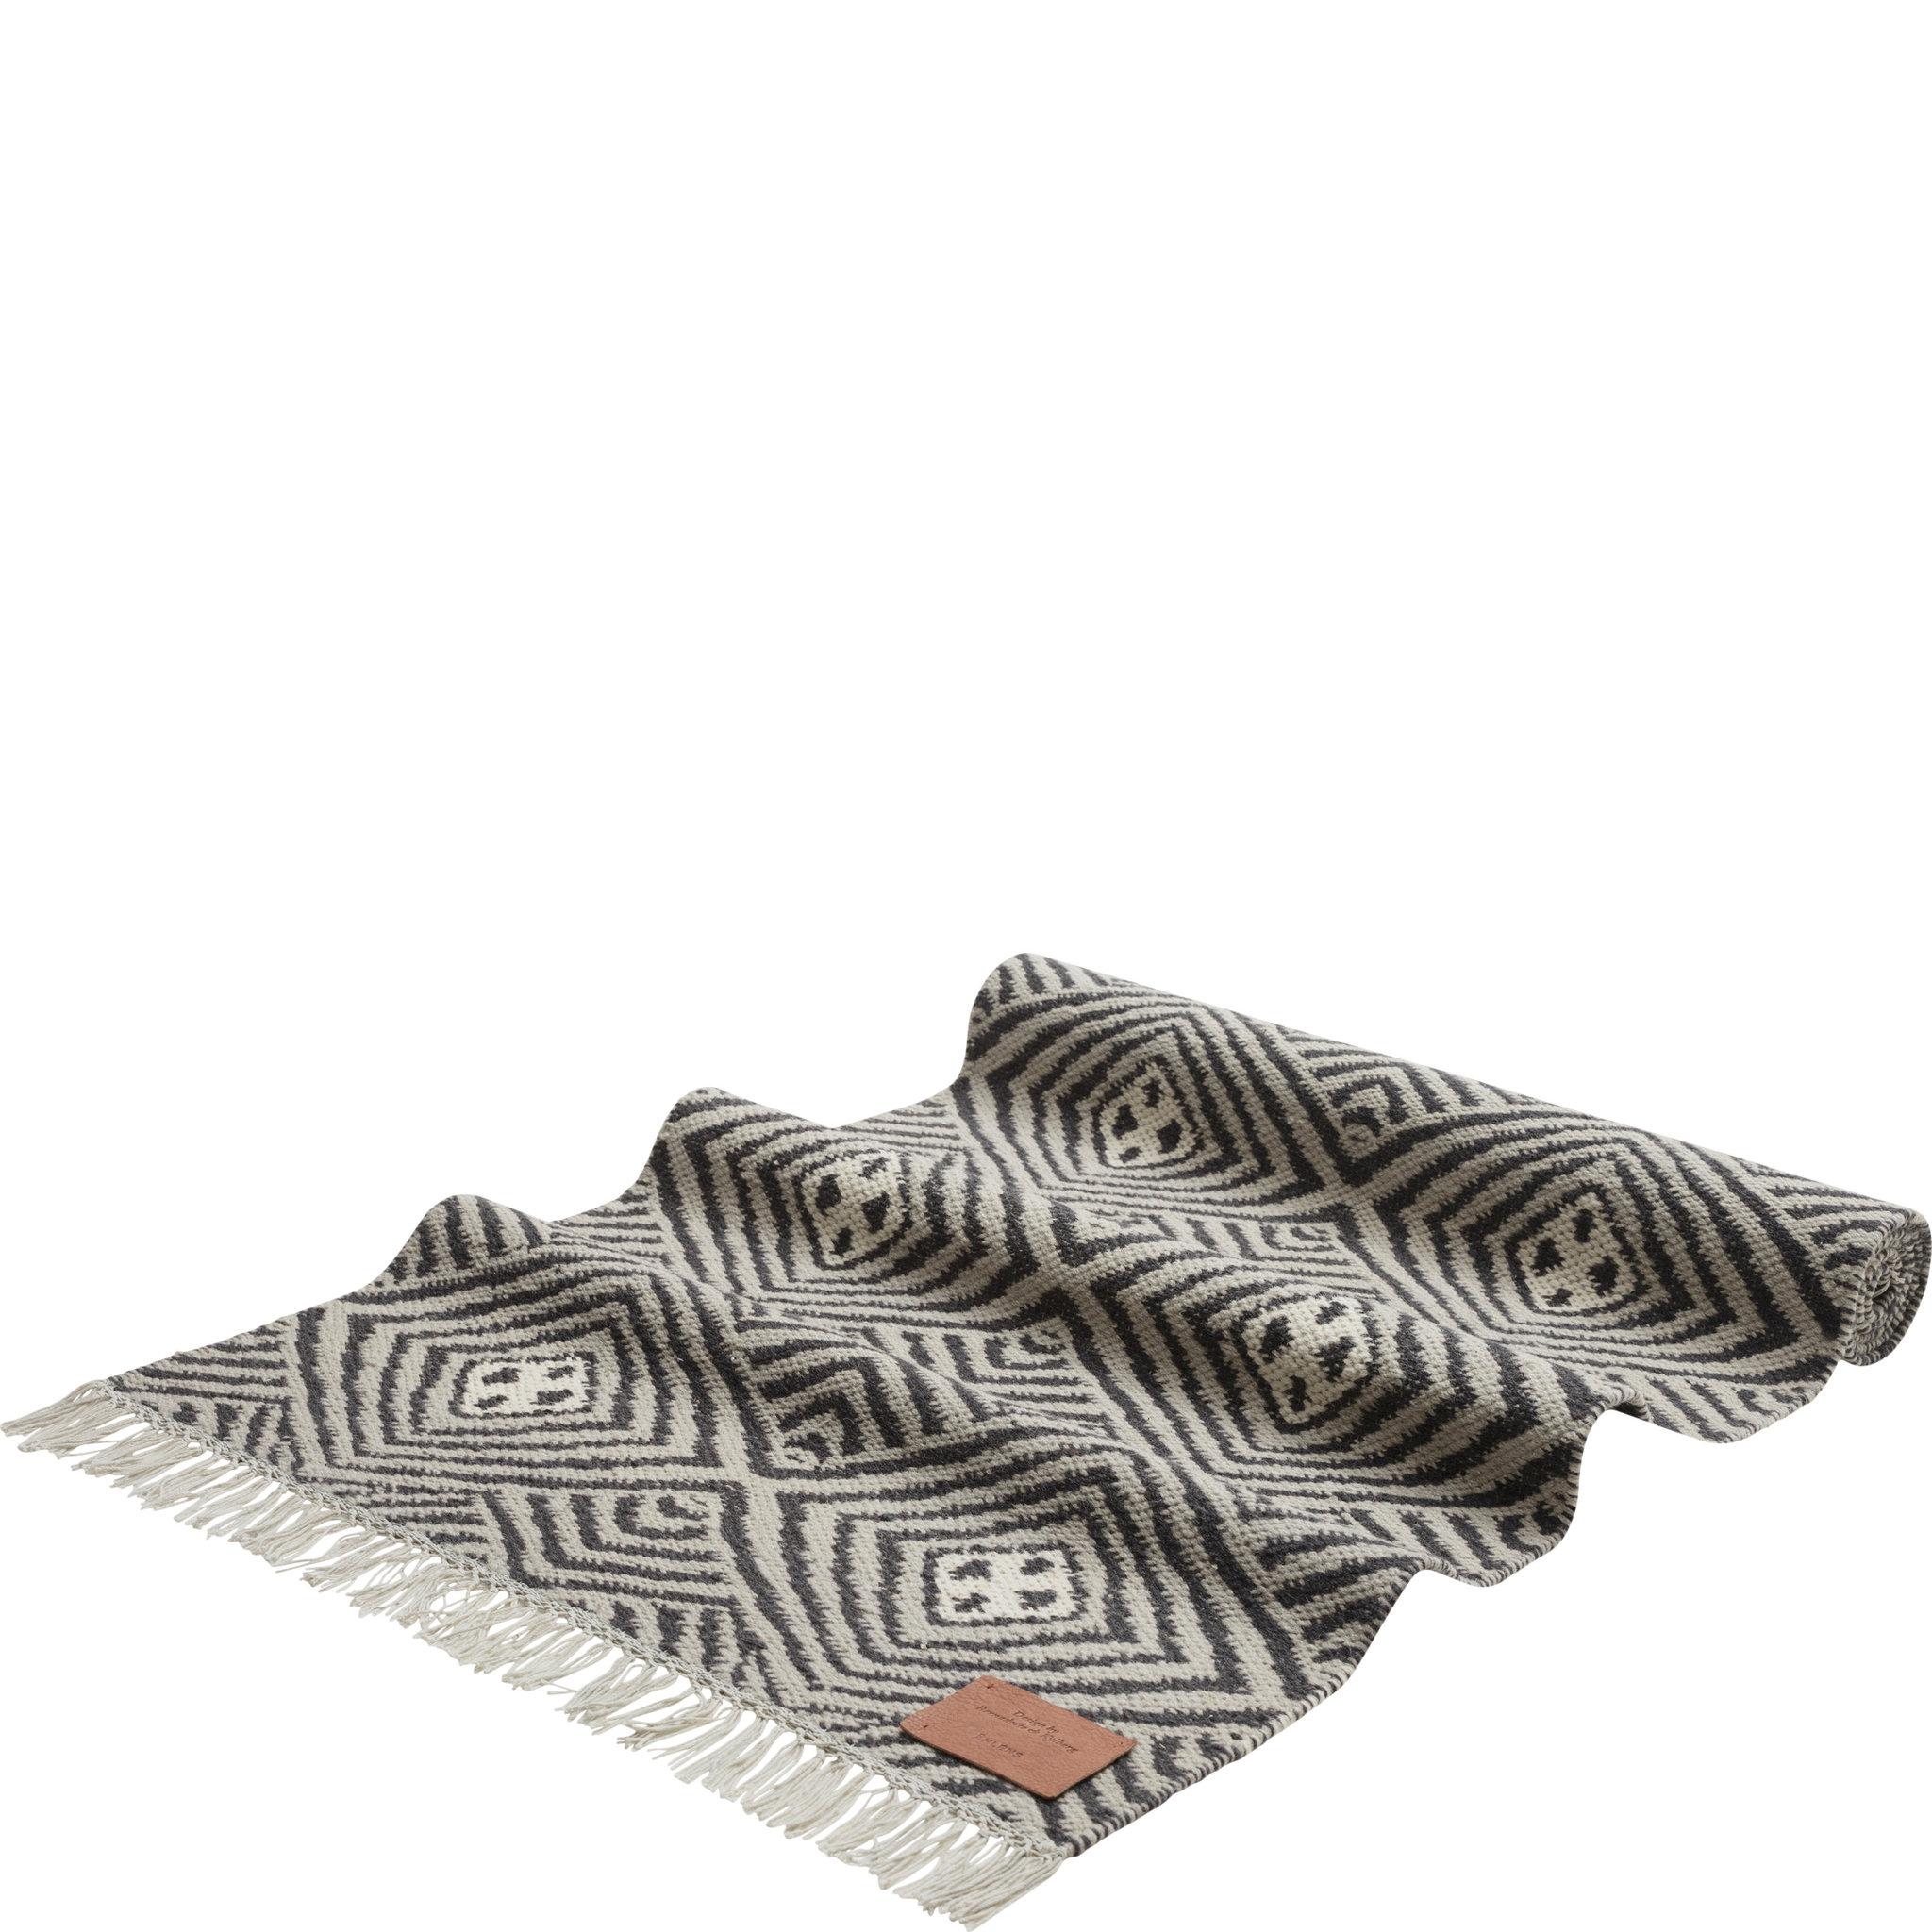 Matta kaleido design av bernadotte & kylberg, 140x200 cm   mattor ...